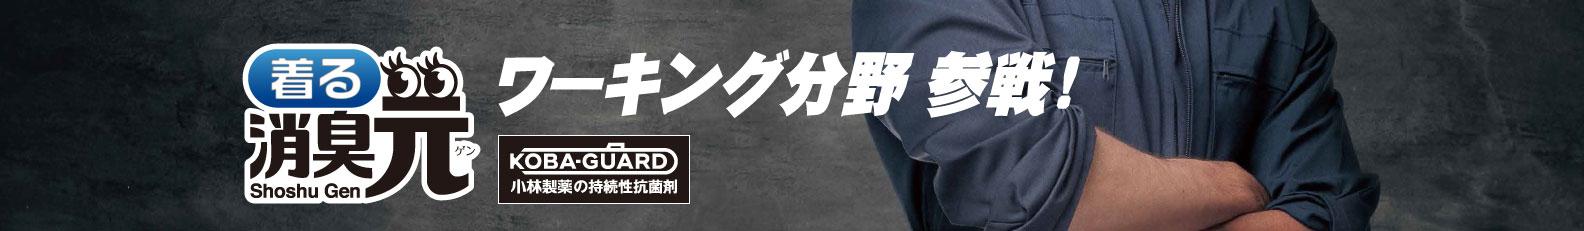 着る消臭元ワーキング分野初参戦!